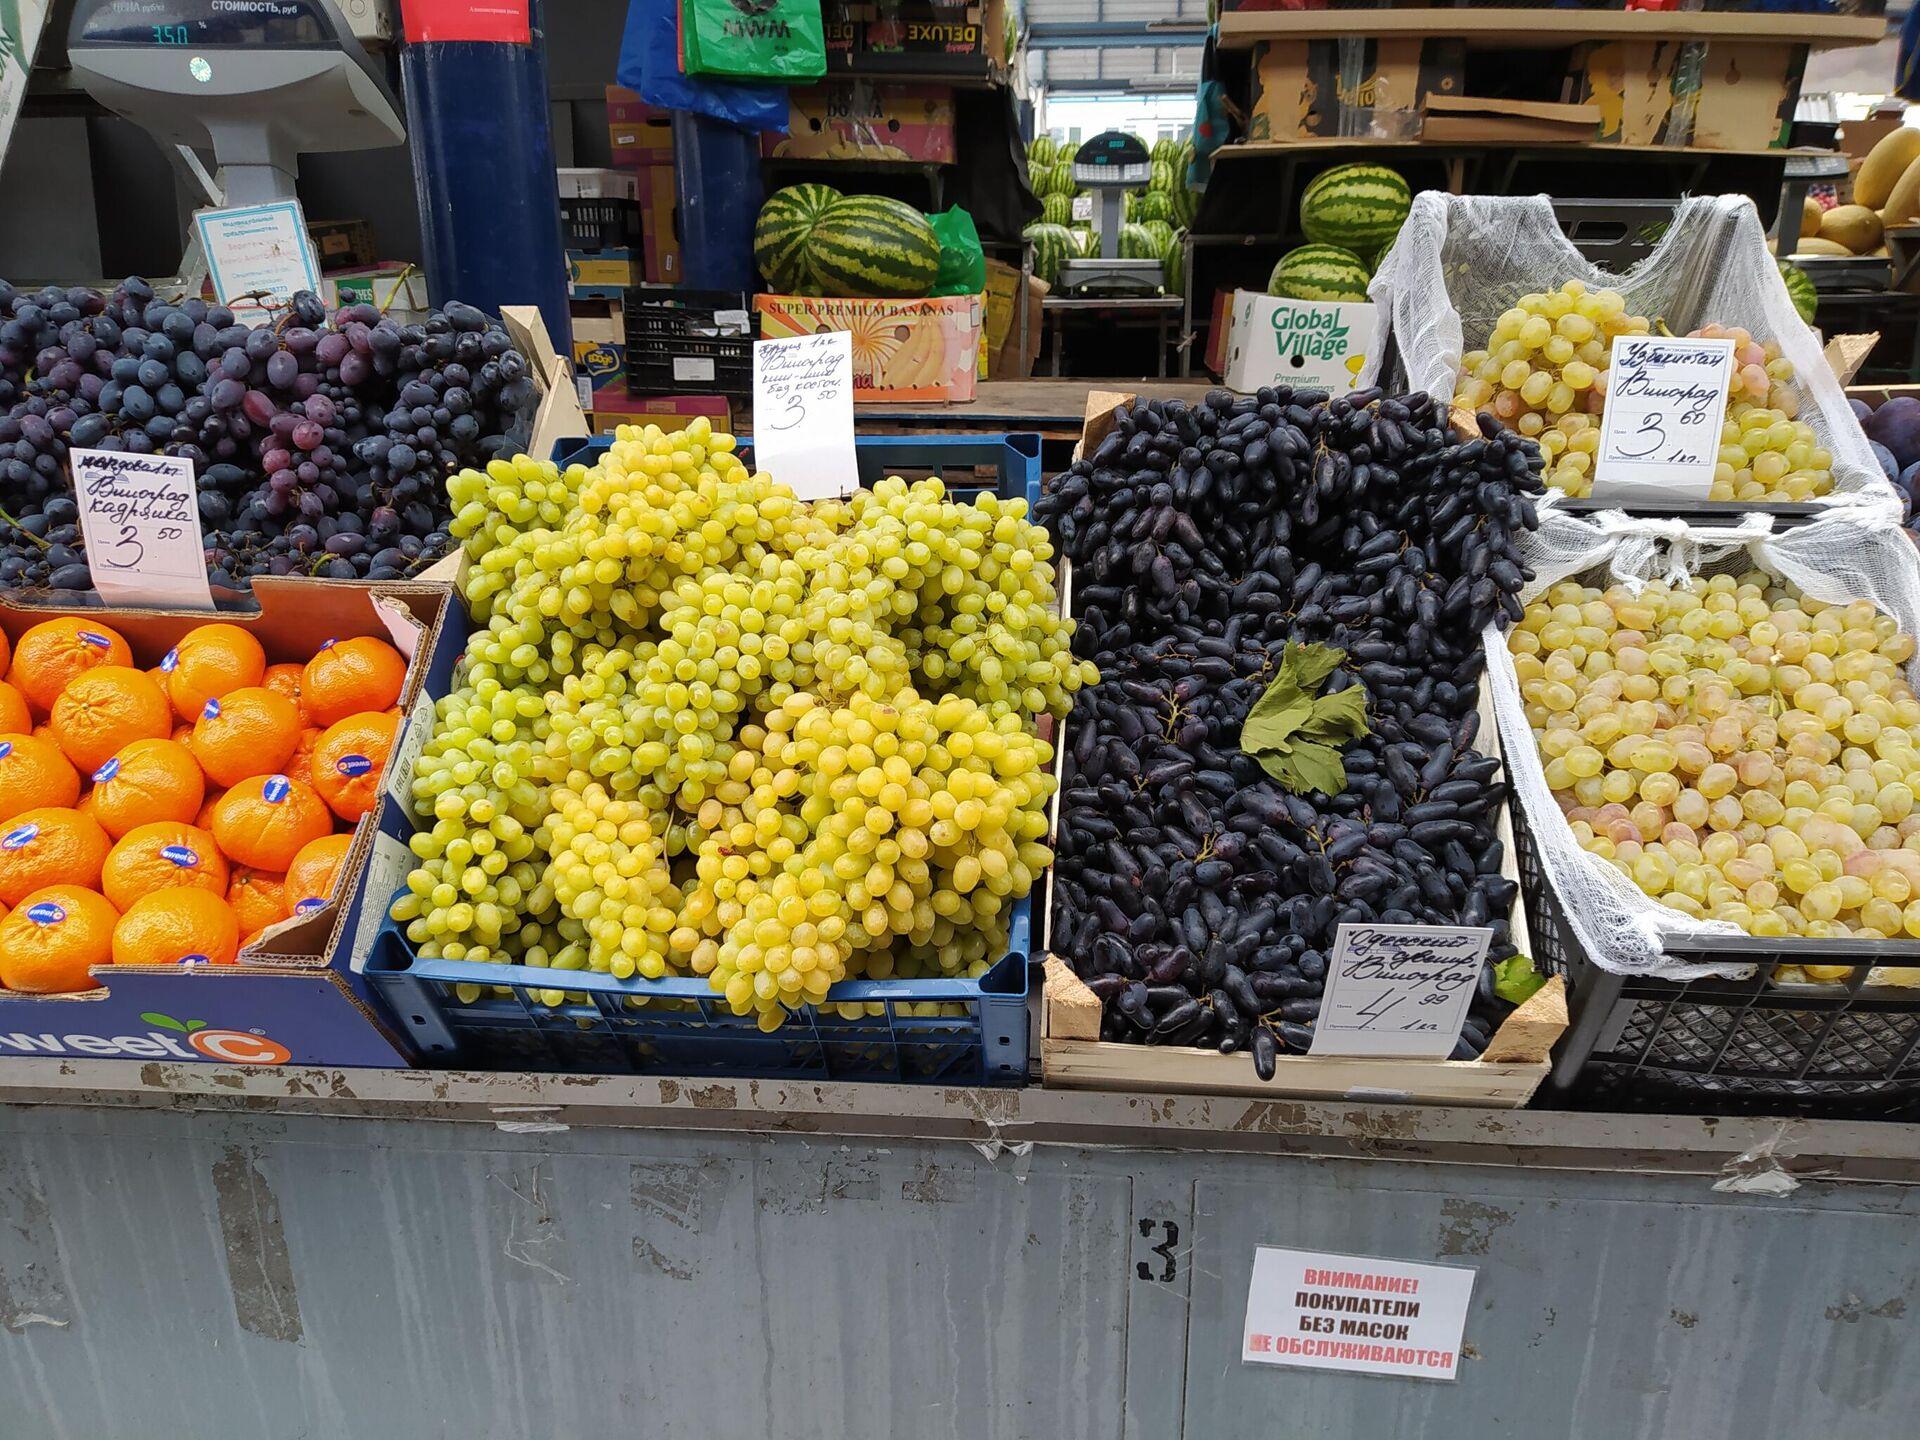 Килограмм винограда в среднем обойдется в 4 рубля  - Sputnik Беларусь, 1920, 23.09.2021